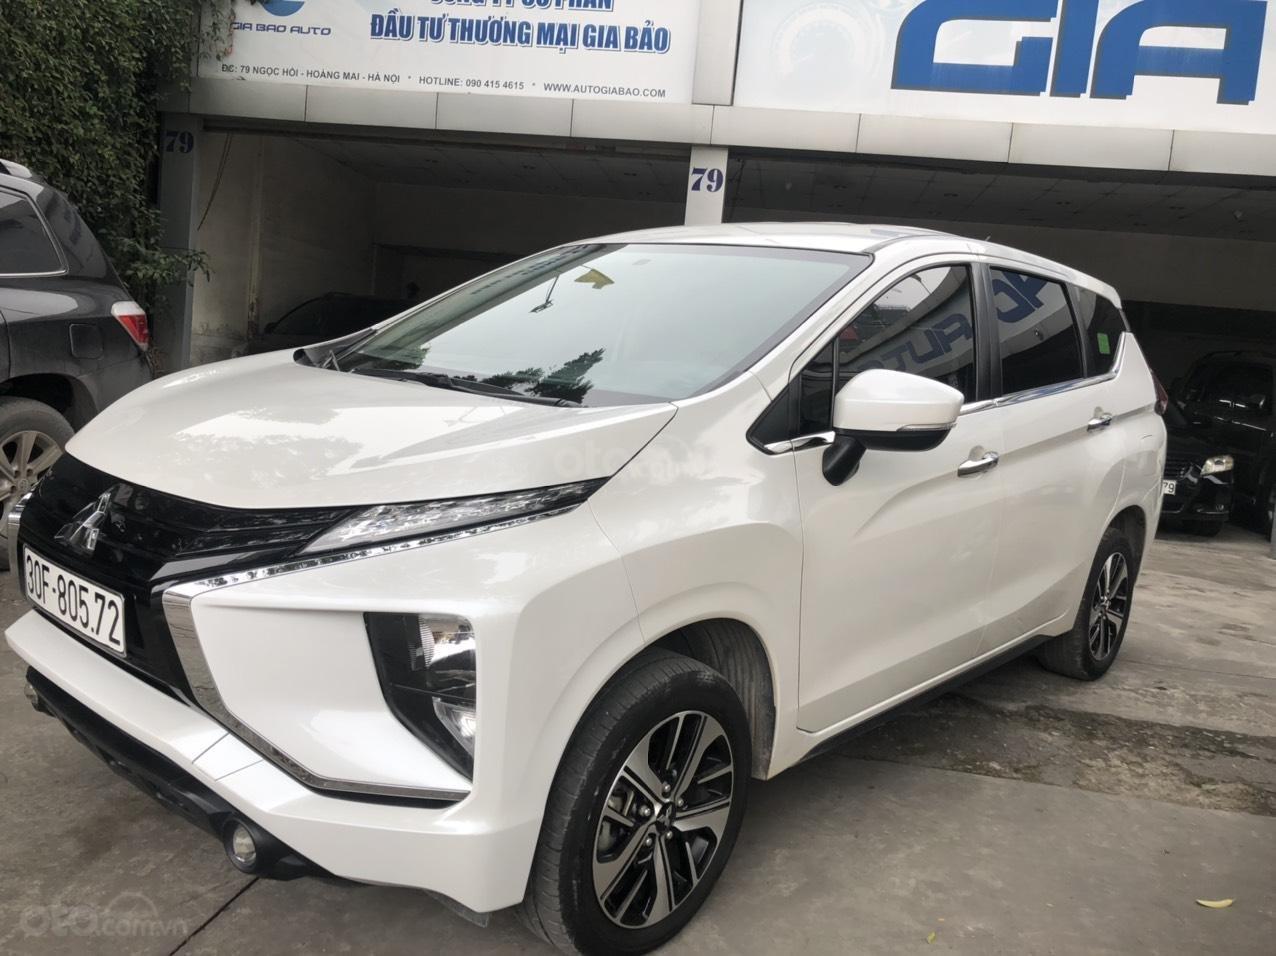 Xe trắng - năm mới đầy nắng - Xpander số sàn 2019 (2)